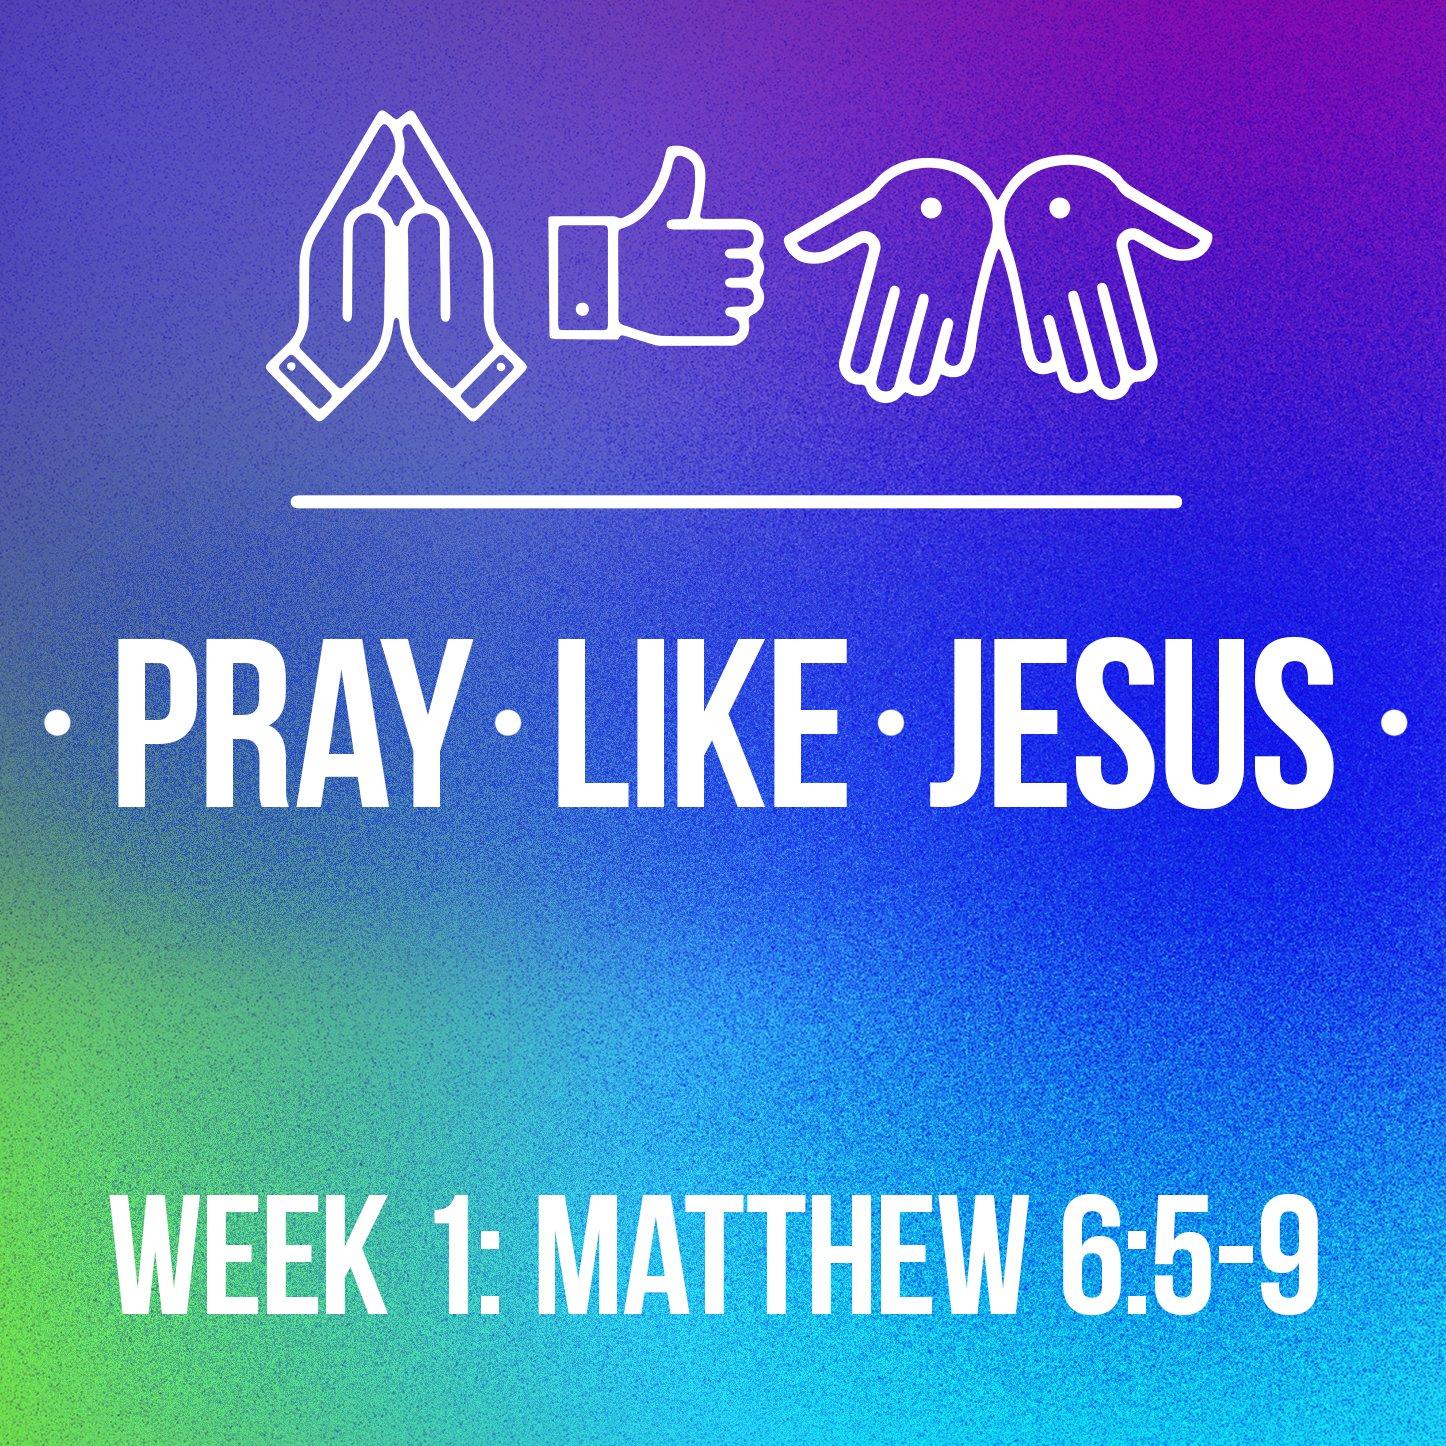 Pray Like Jesus Web 1